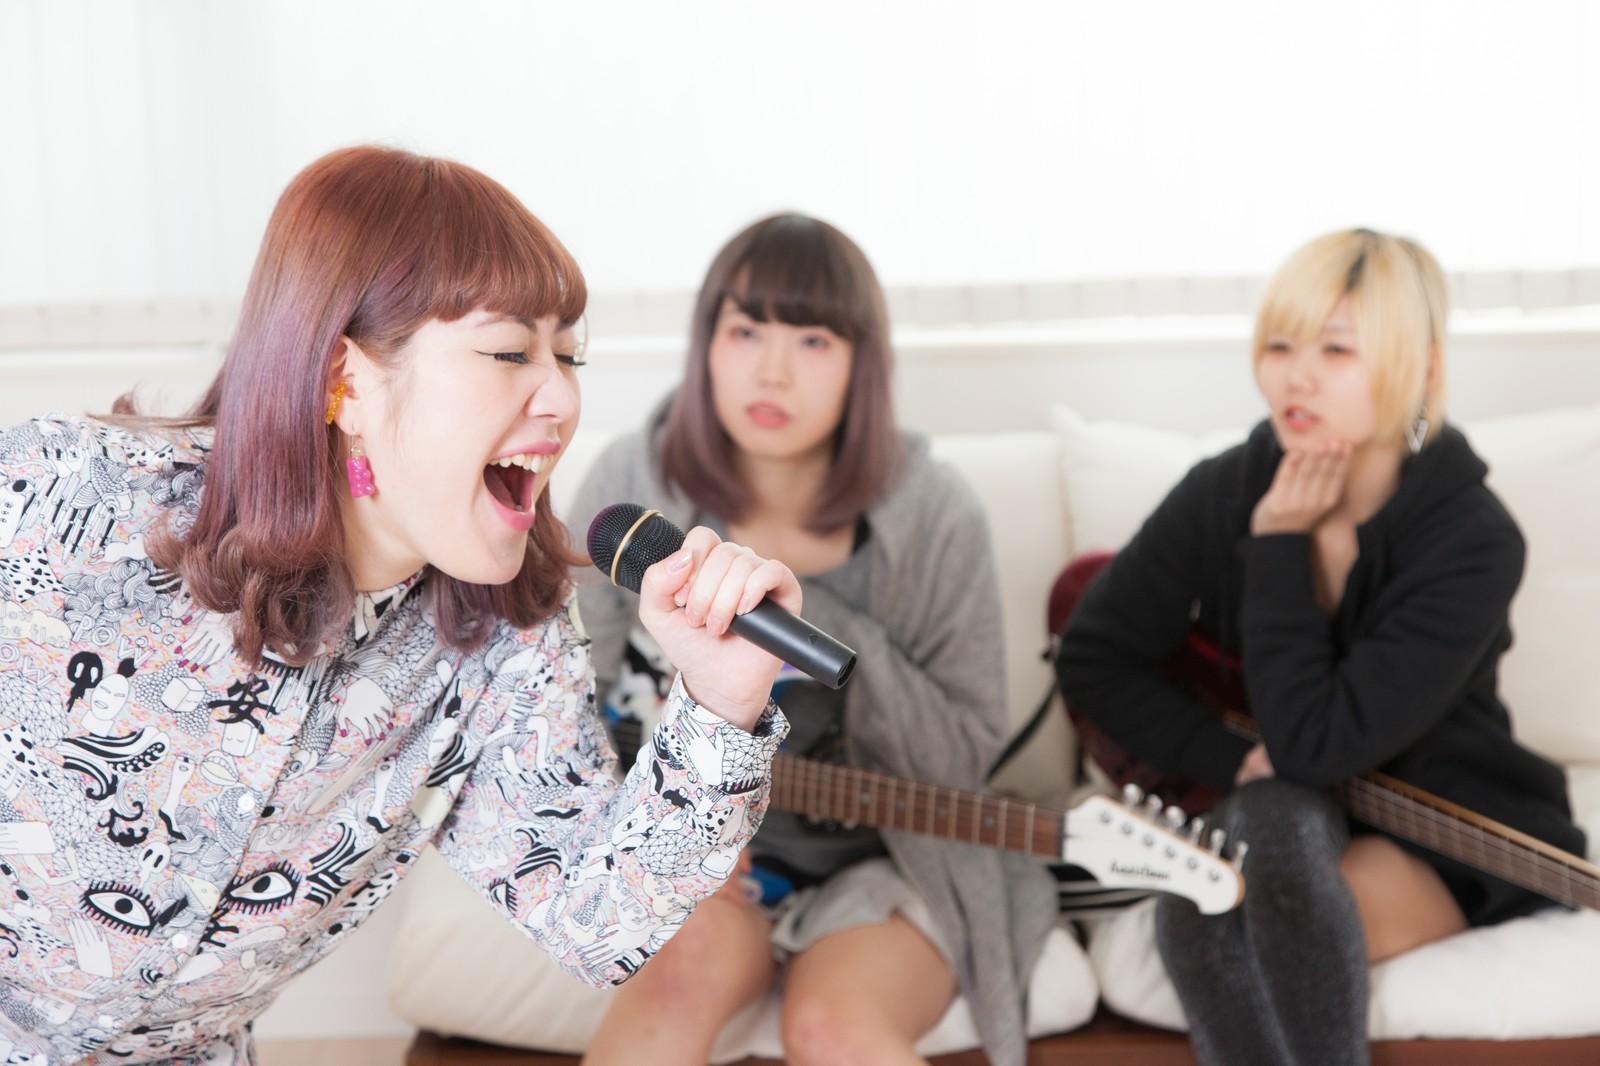 人を感動させる歌ってどうやって歌うんだろう